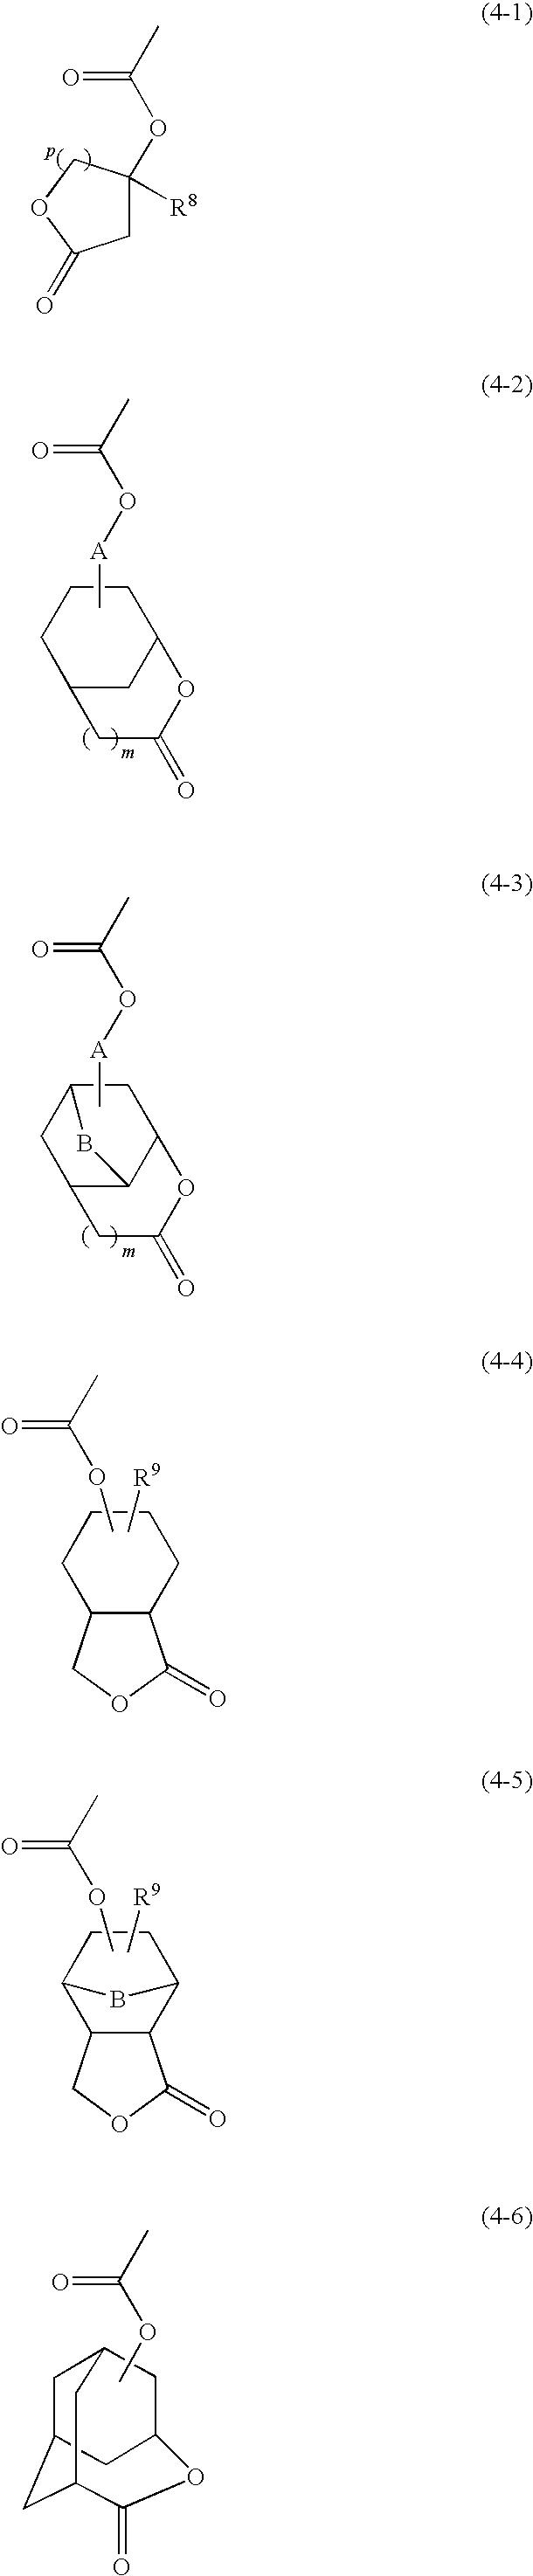 Figure US20100068650A1-20100318-C00050